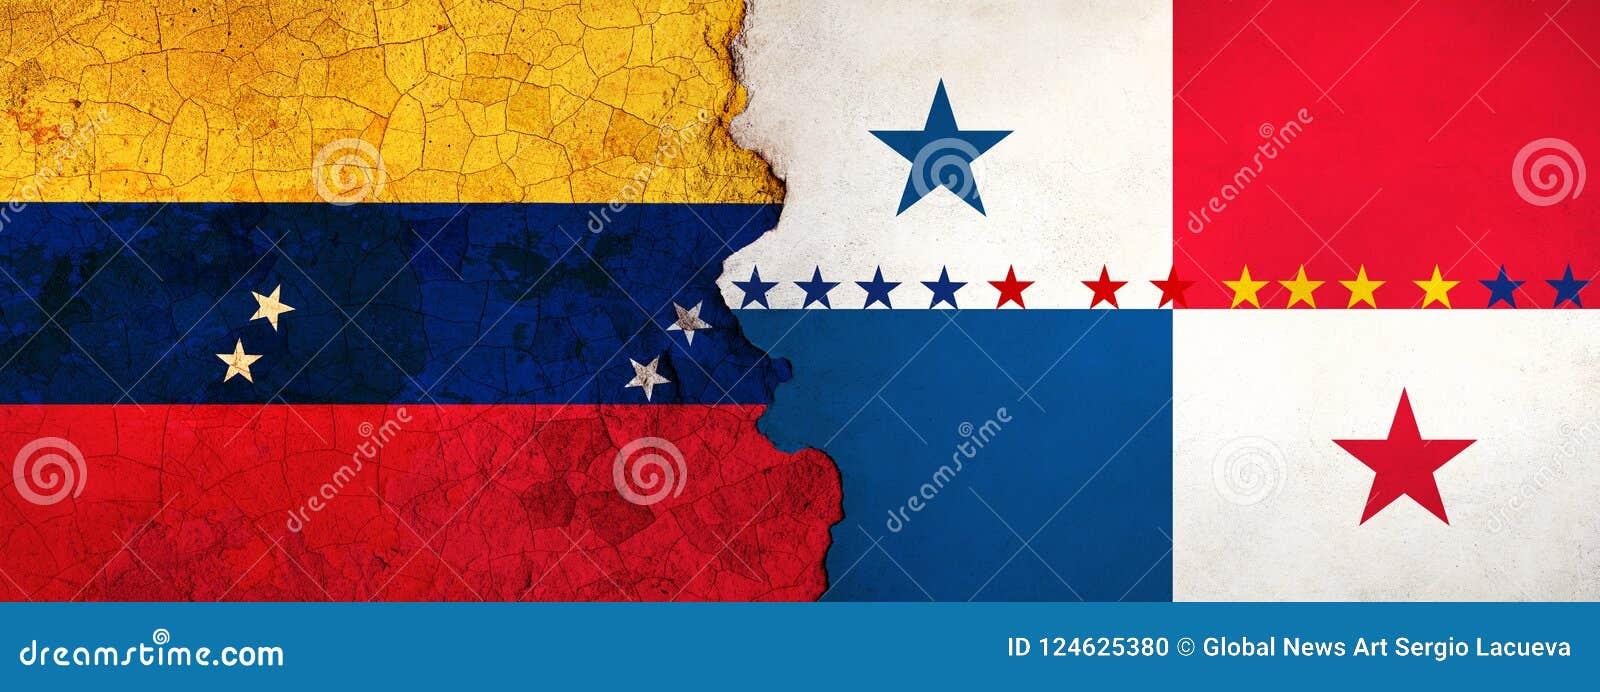 η τρισδιάστατη απεικόνιση για τους της Βενεζουέλας μετανάστες που φεύγουν στον Παναμά ως οικονομική/πολιτική κρίση επιδεινώνεται